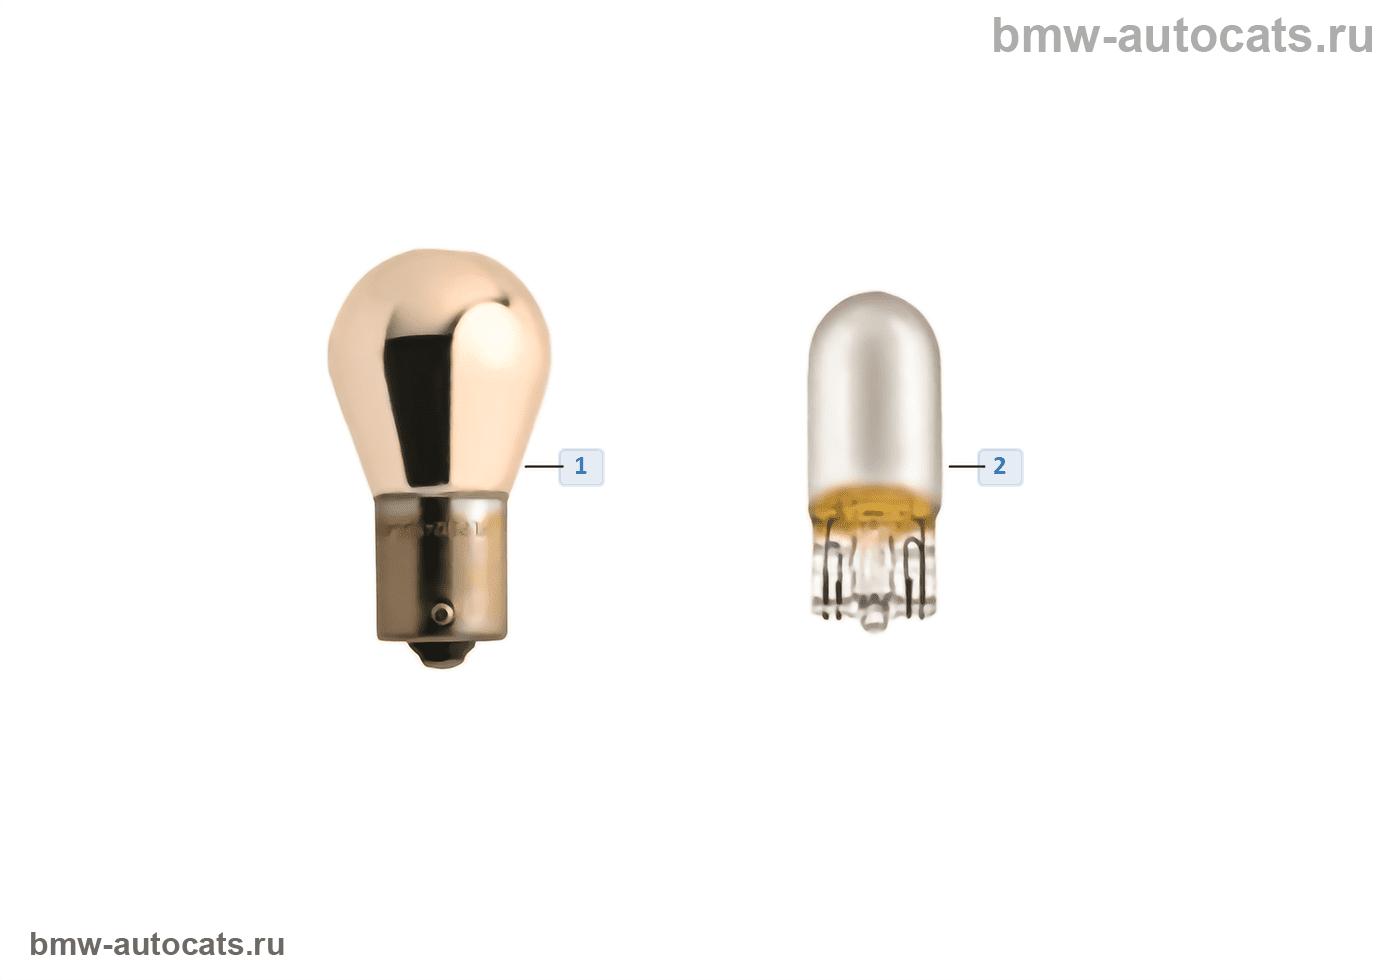 Хромированные лампы BMW